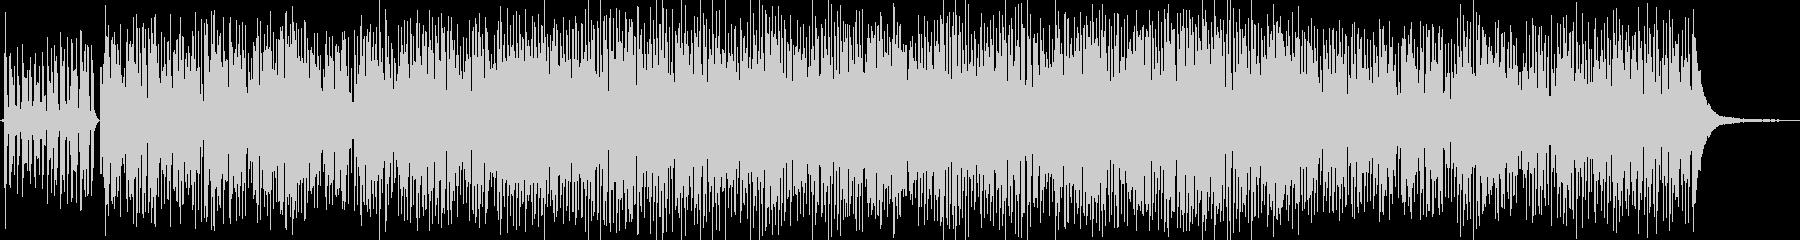 レトロなジプシージャズの未再生の波形